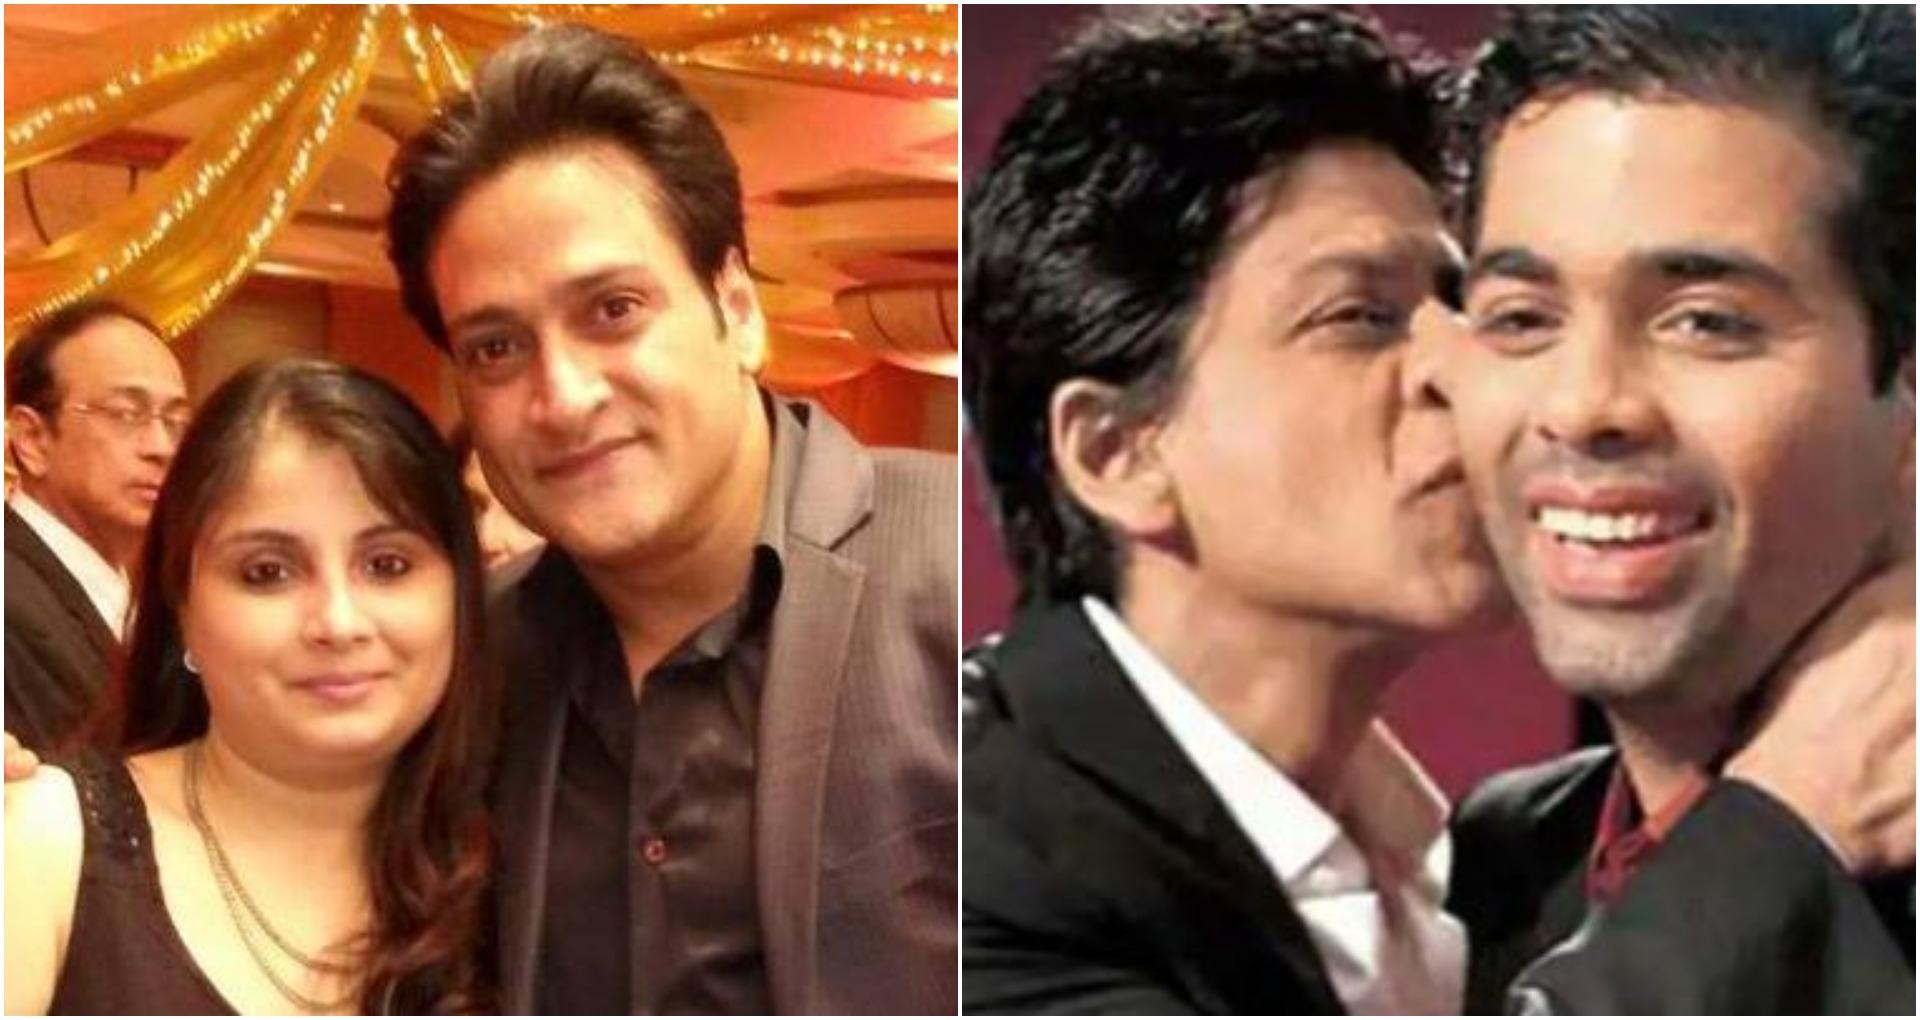 दिवंगत एक्टर इंदर कुमार की पत्नी ने शाहरुख और करण जौहर को लेकर किया खुलासा, पोस्ट हो रही Viral